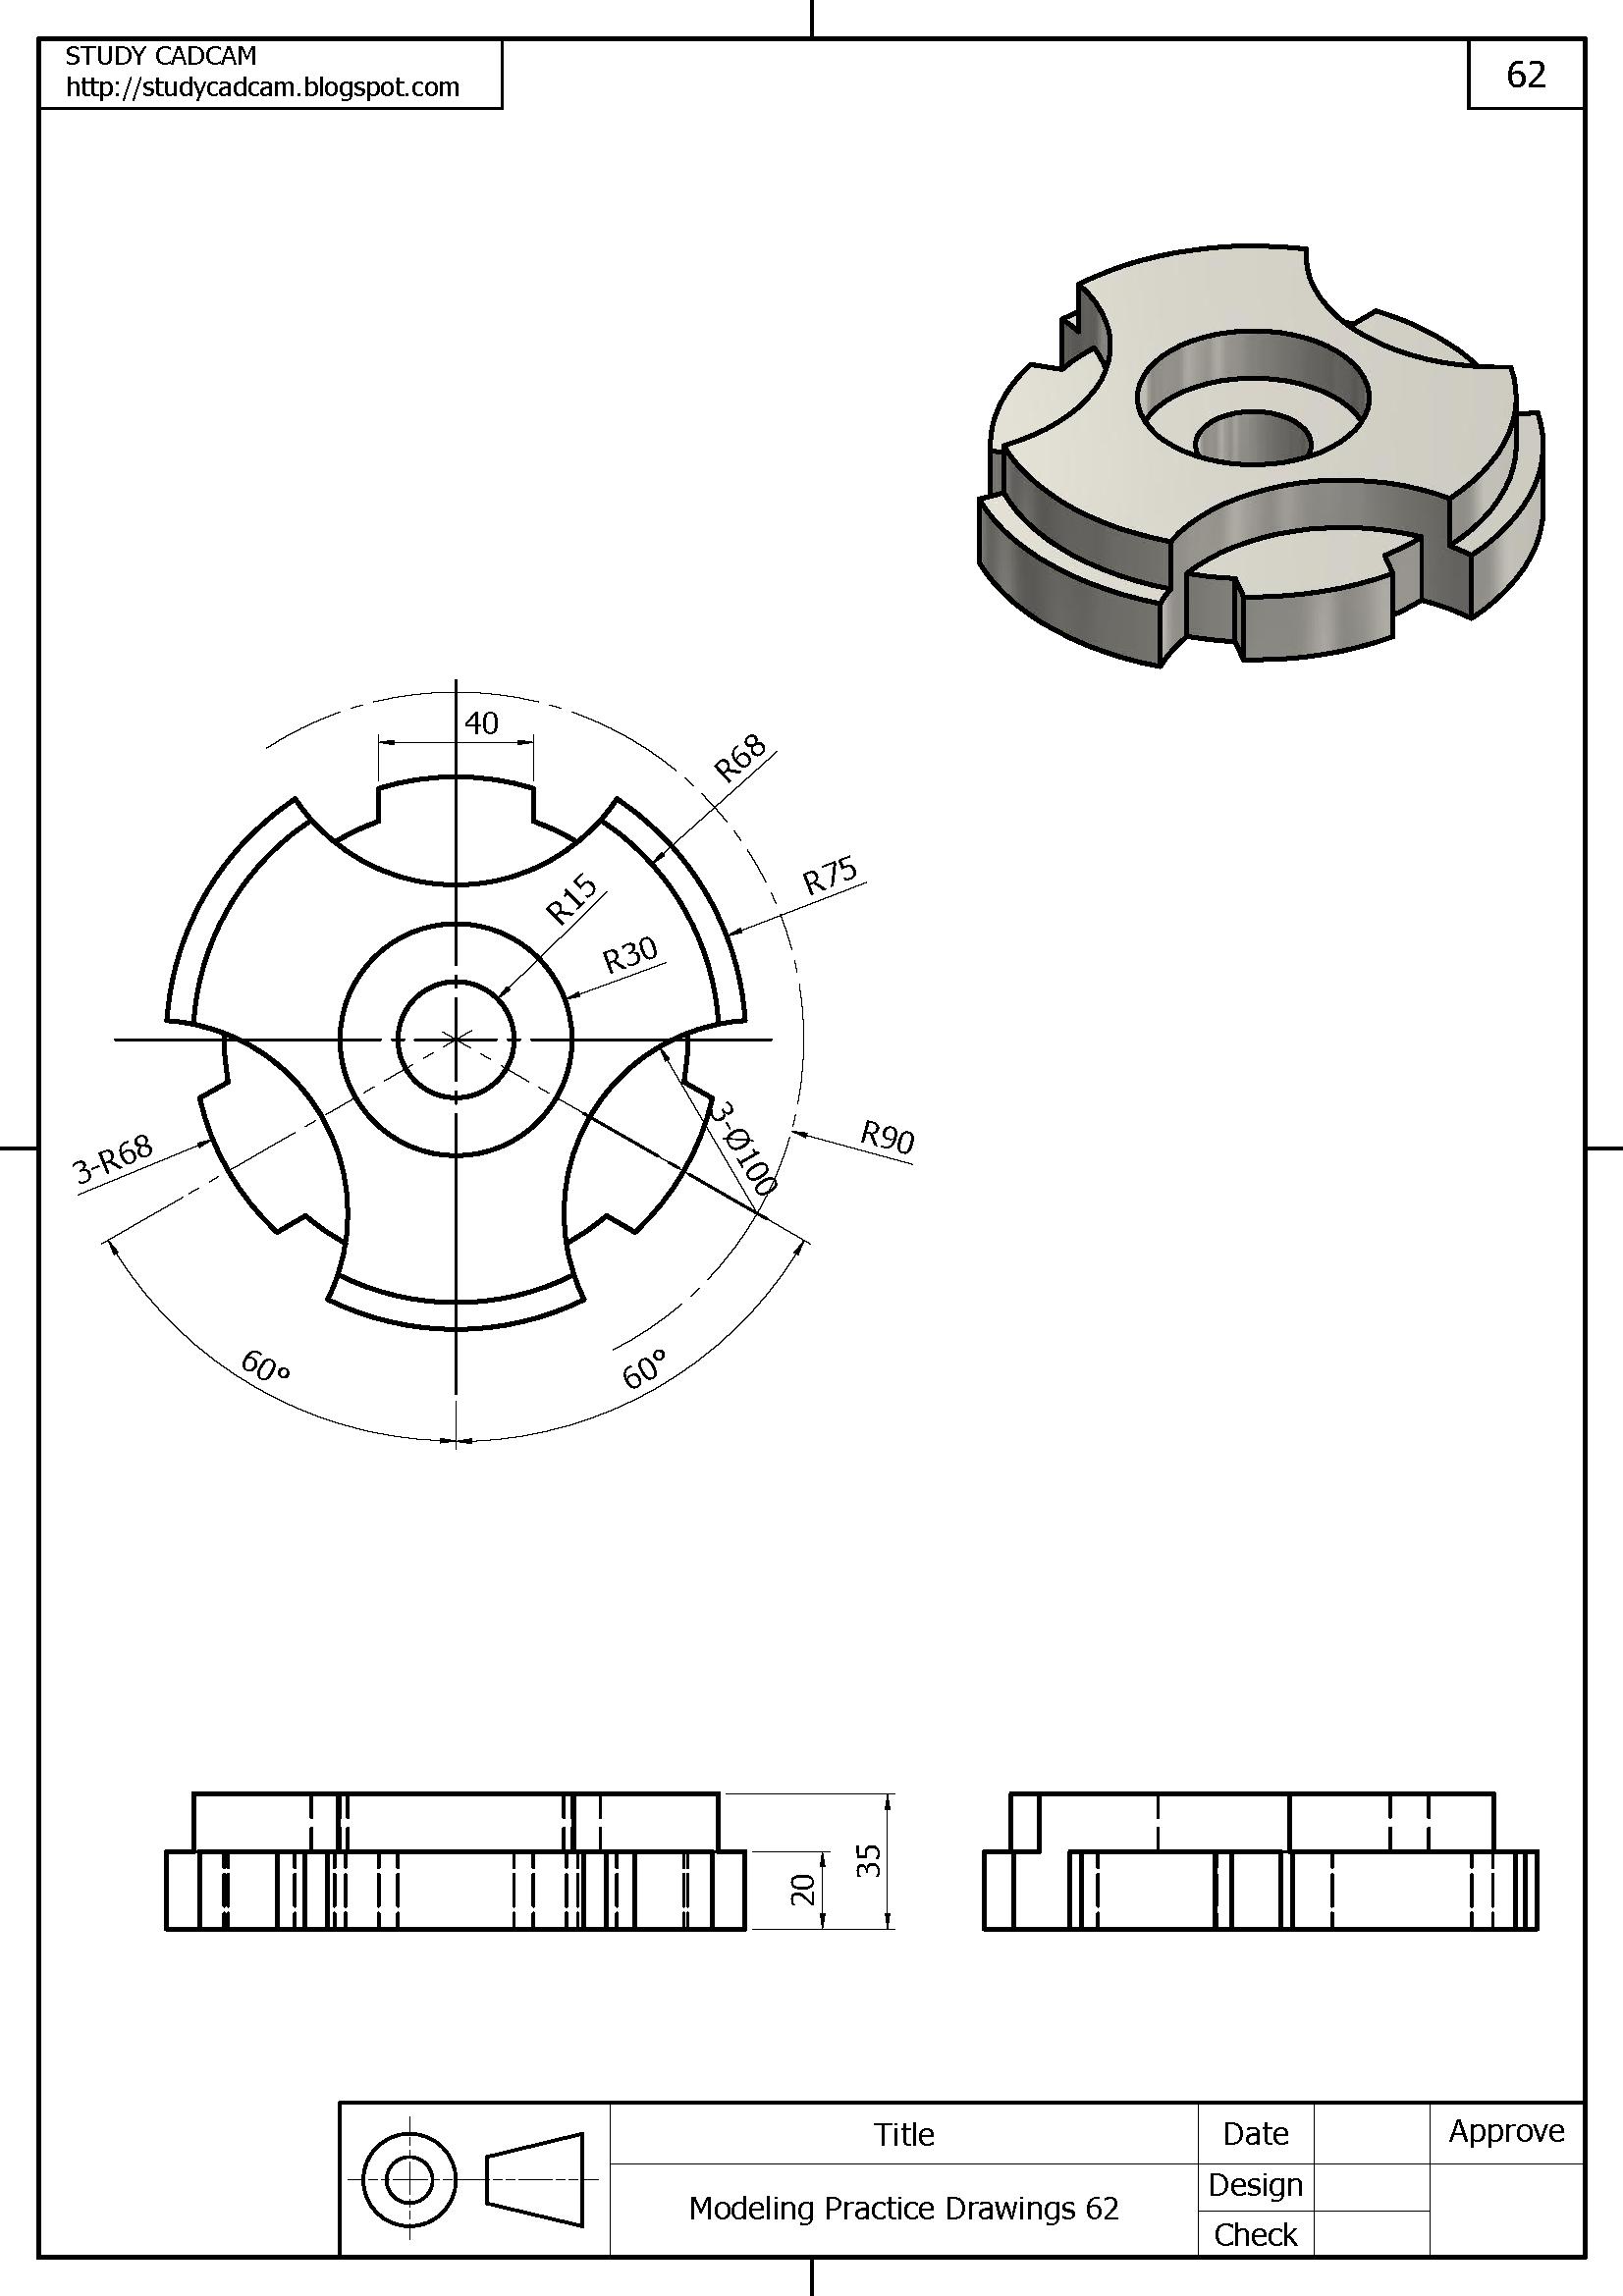 Pin Van Studycadcam Op 3d Modeling Practice